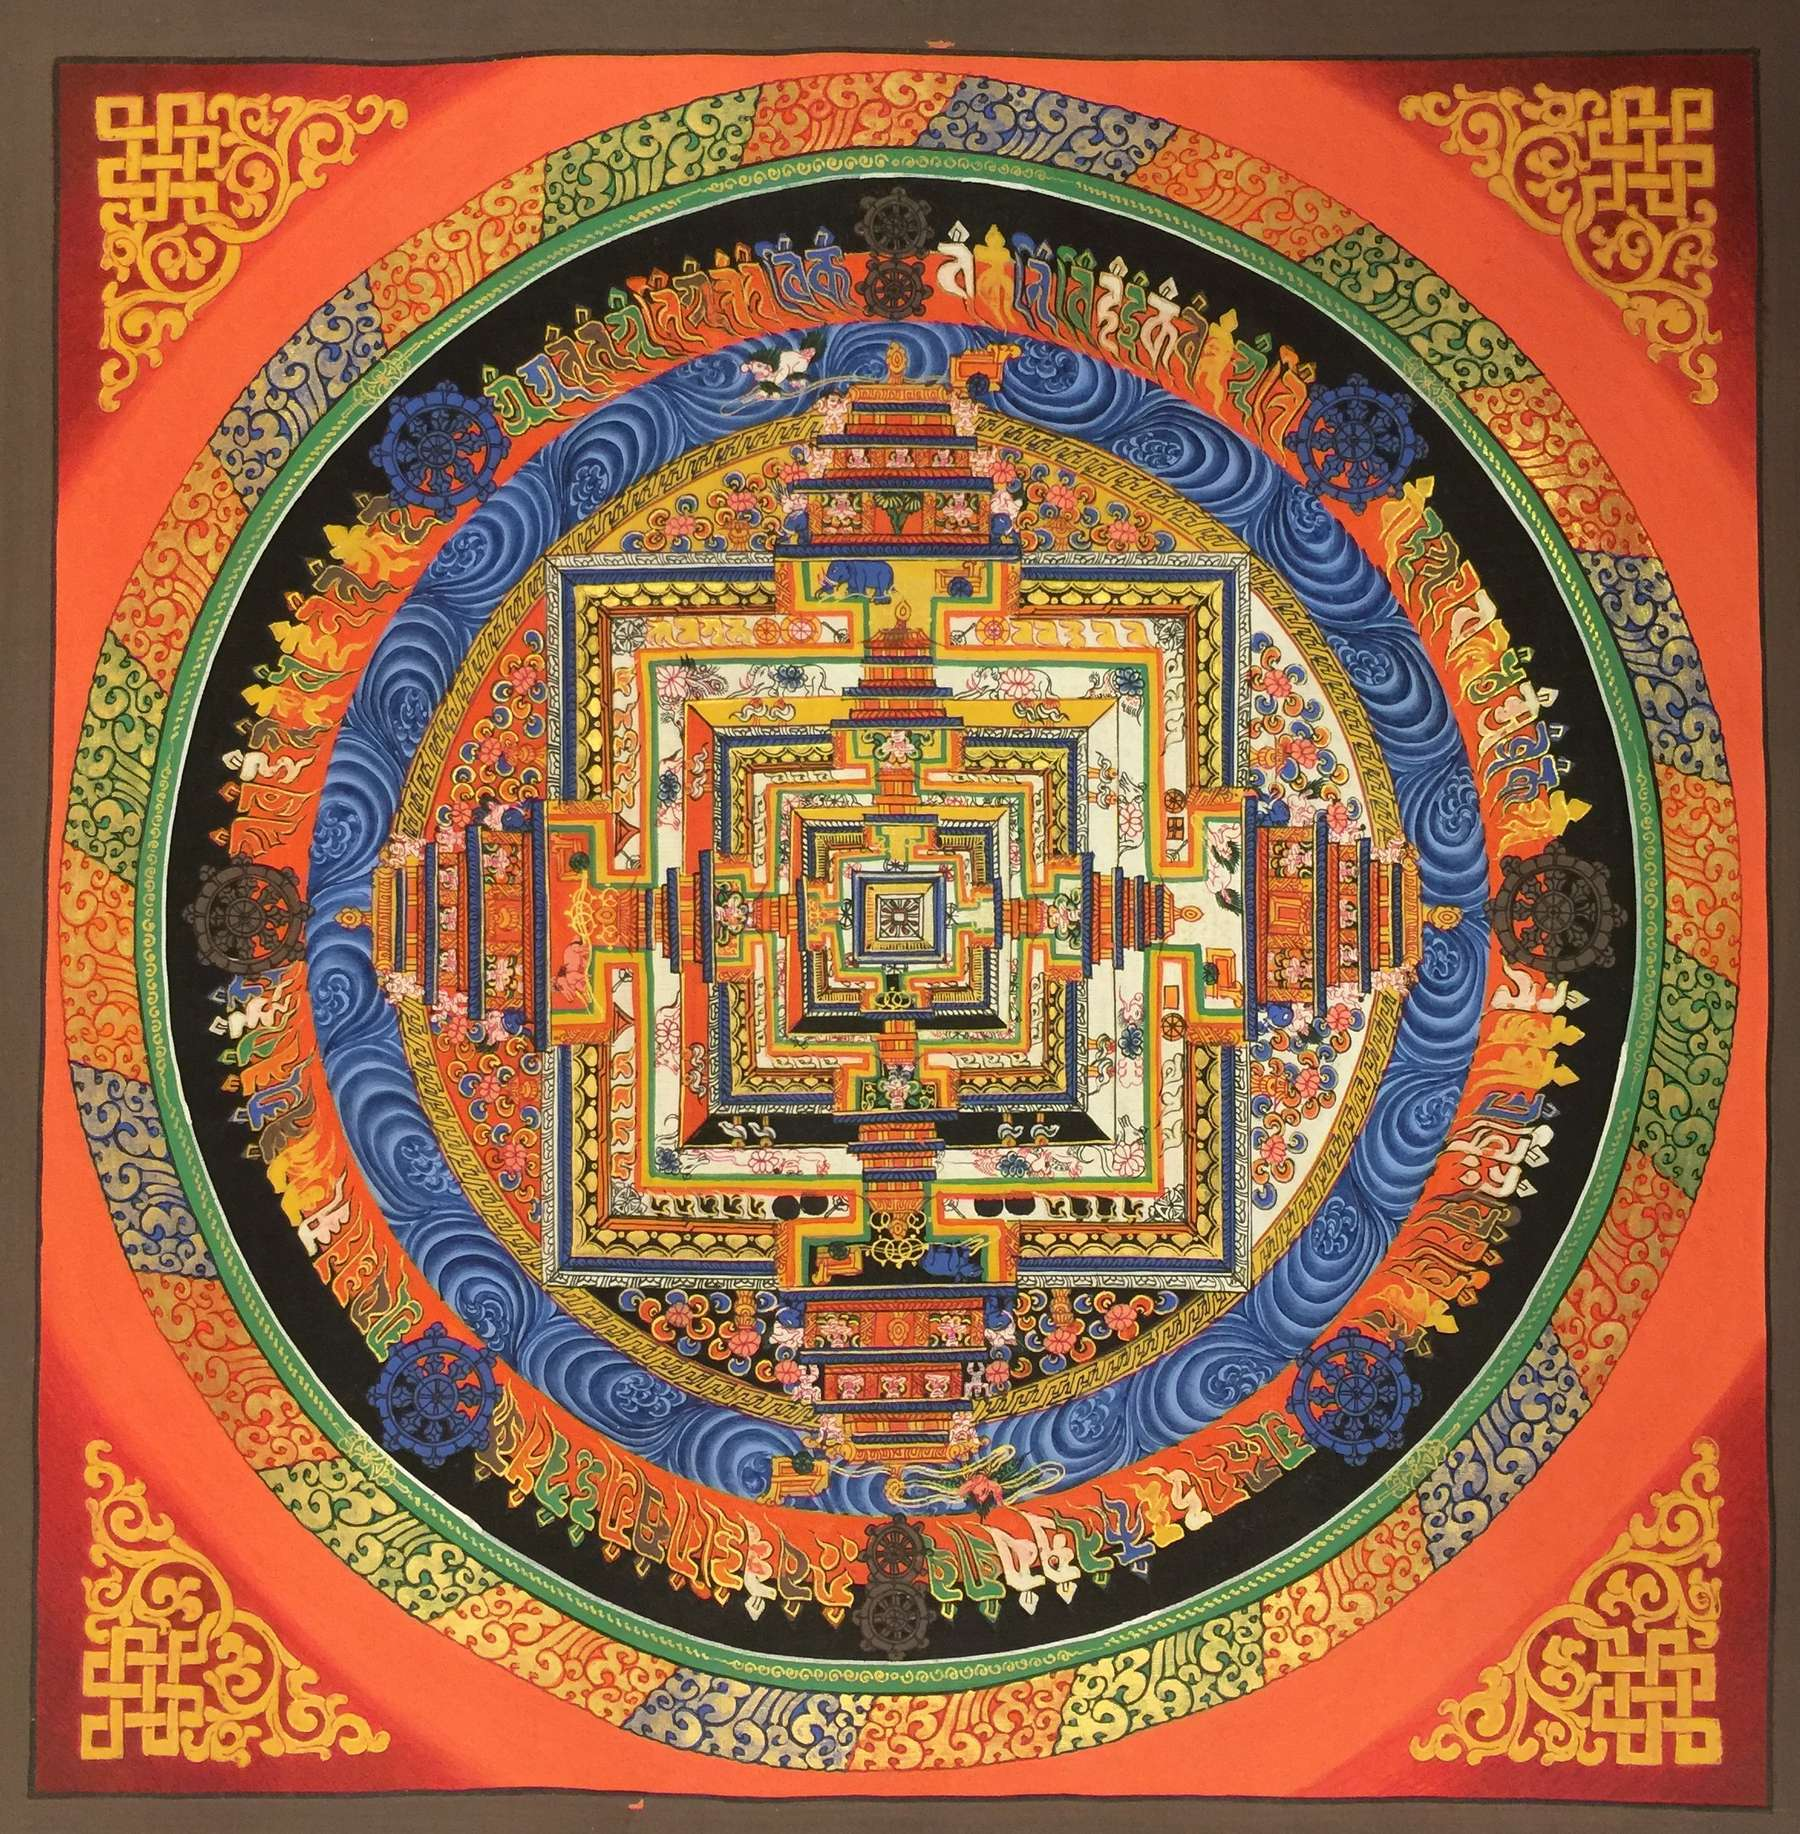 Ritual Art of Kalachakra Mandala